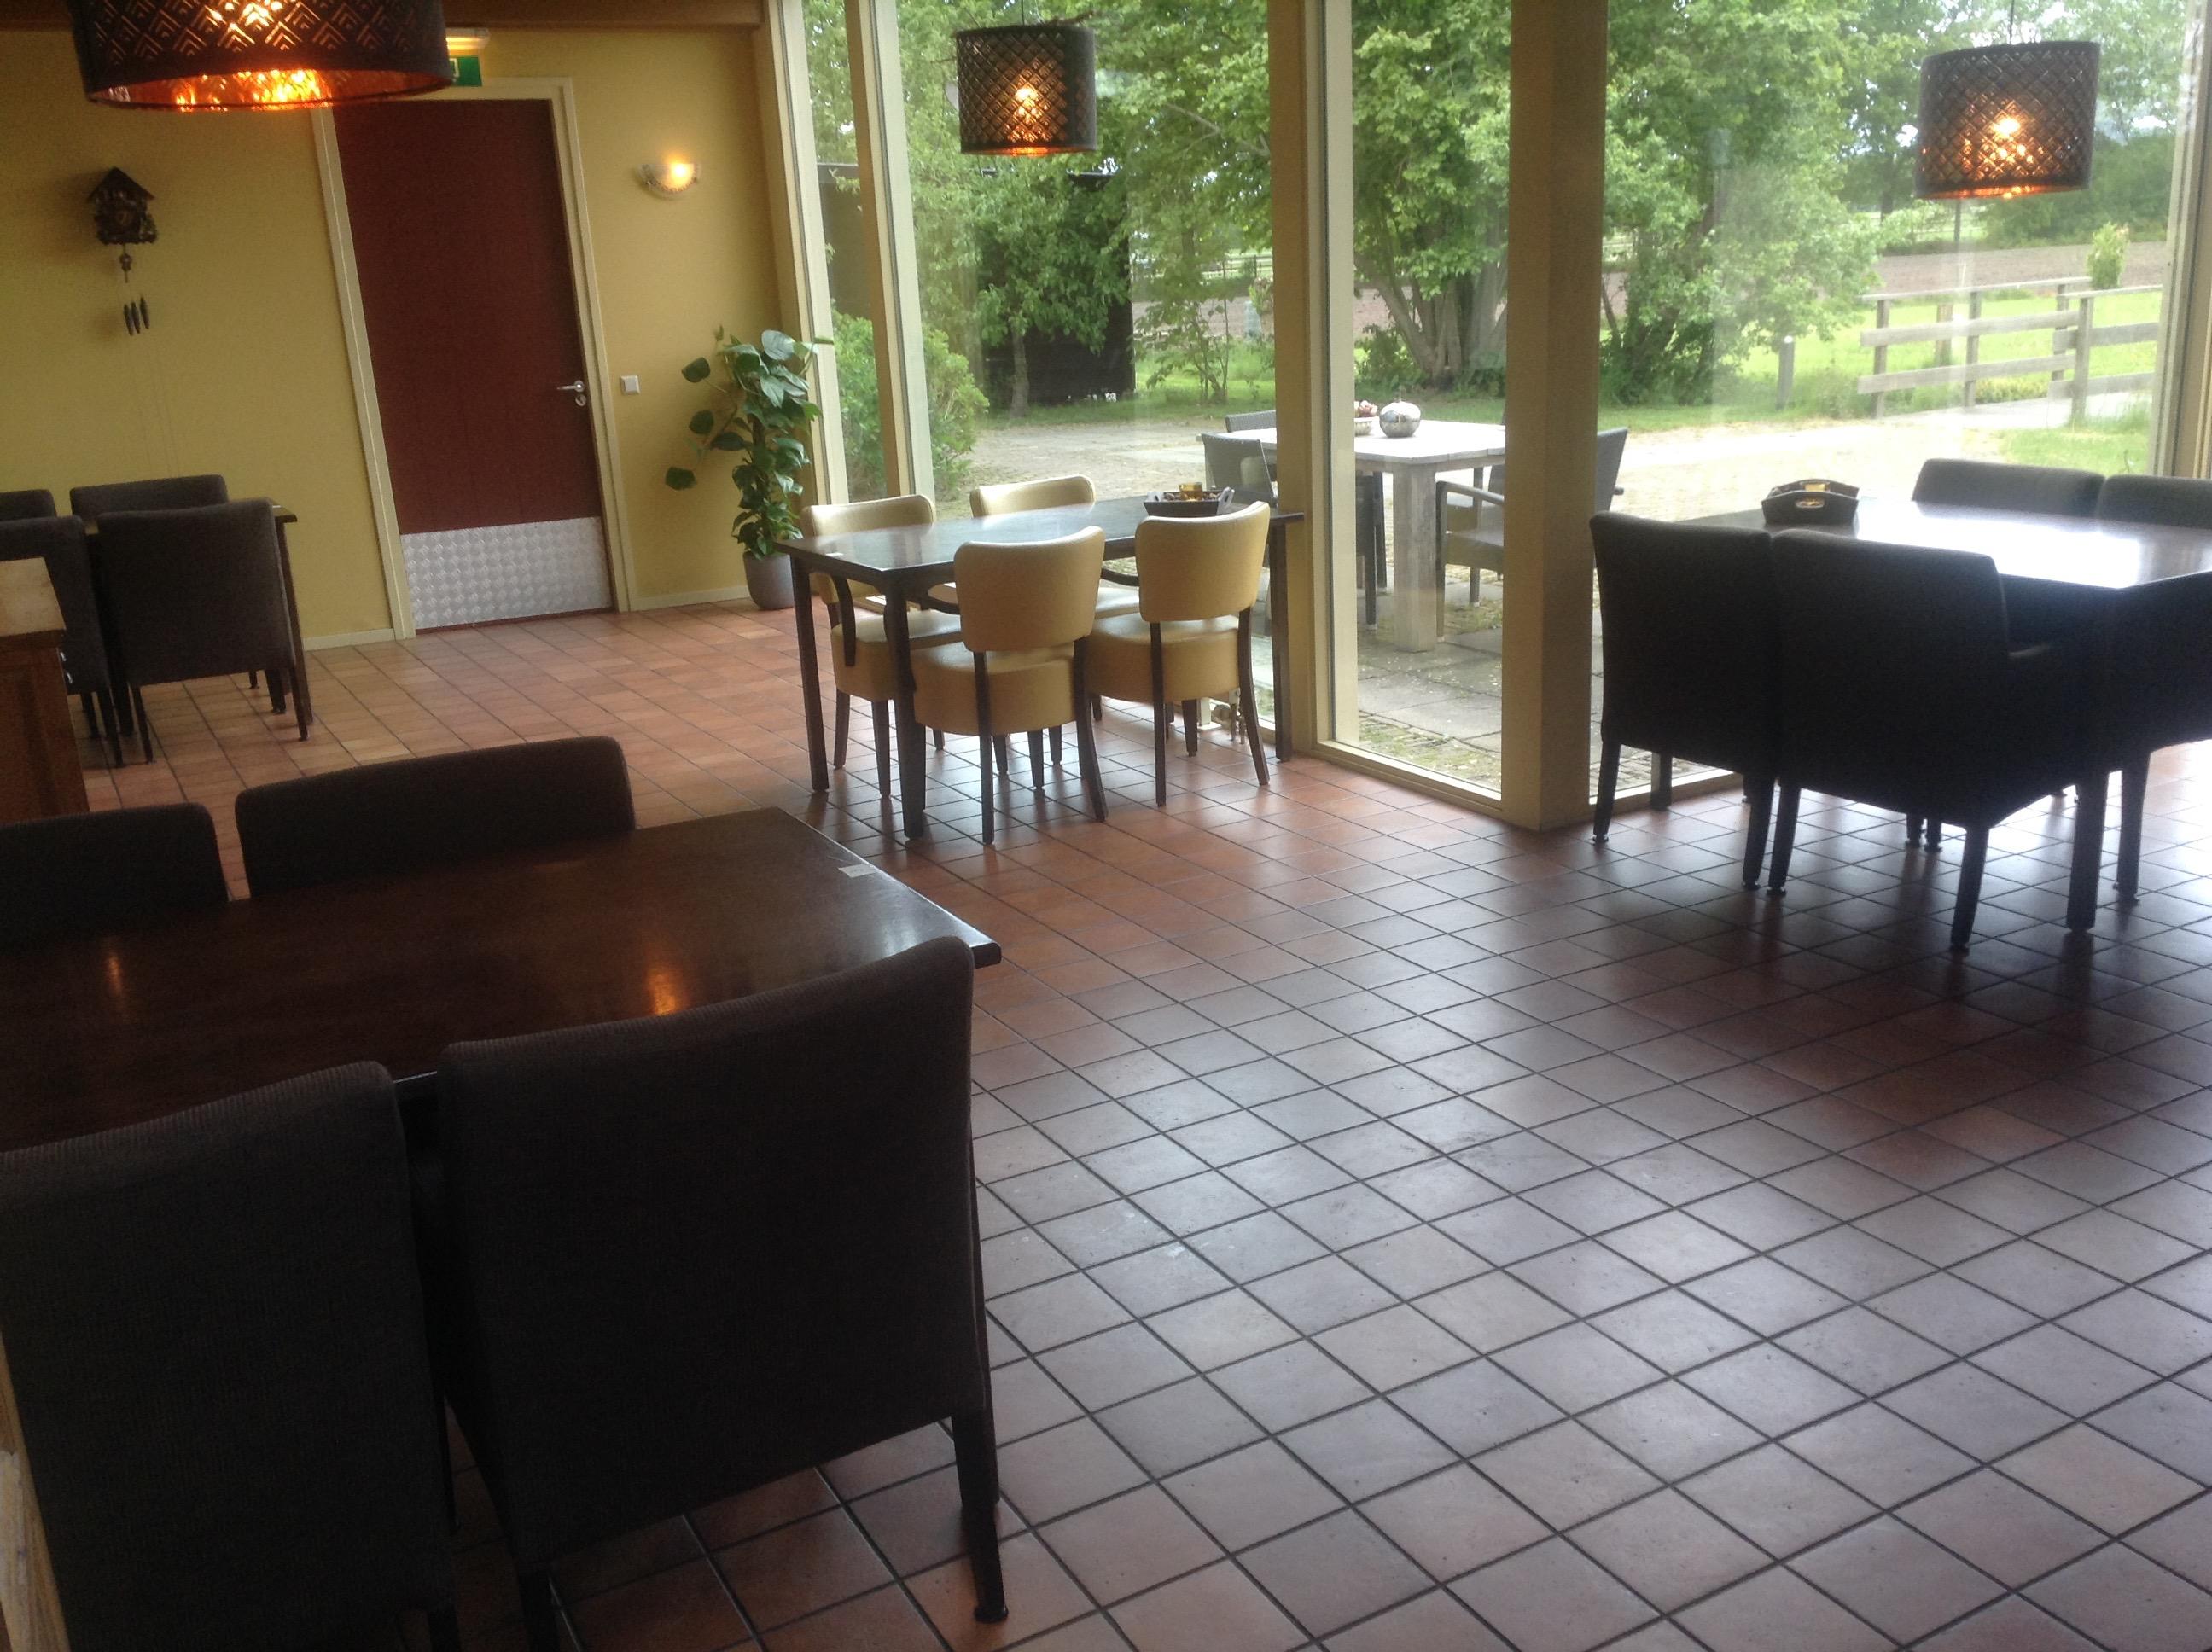 Gezamenlijke ruimte met 4 tafels voor 4 personen op 1,5 meter